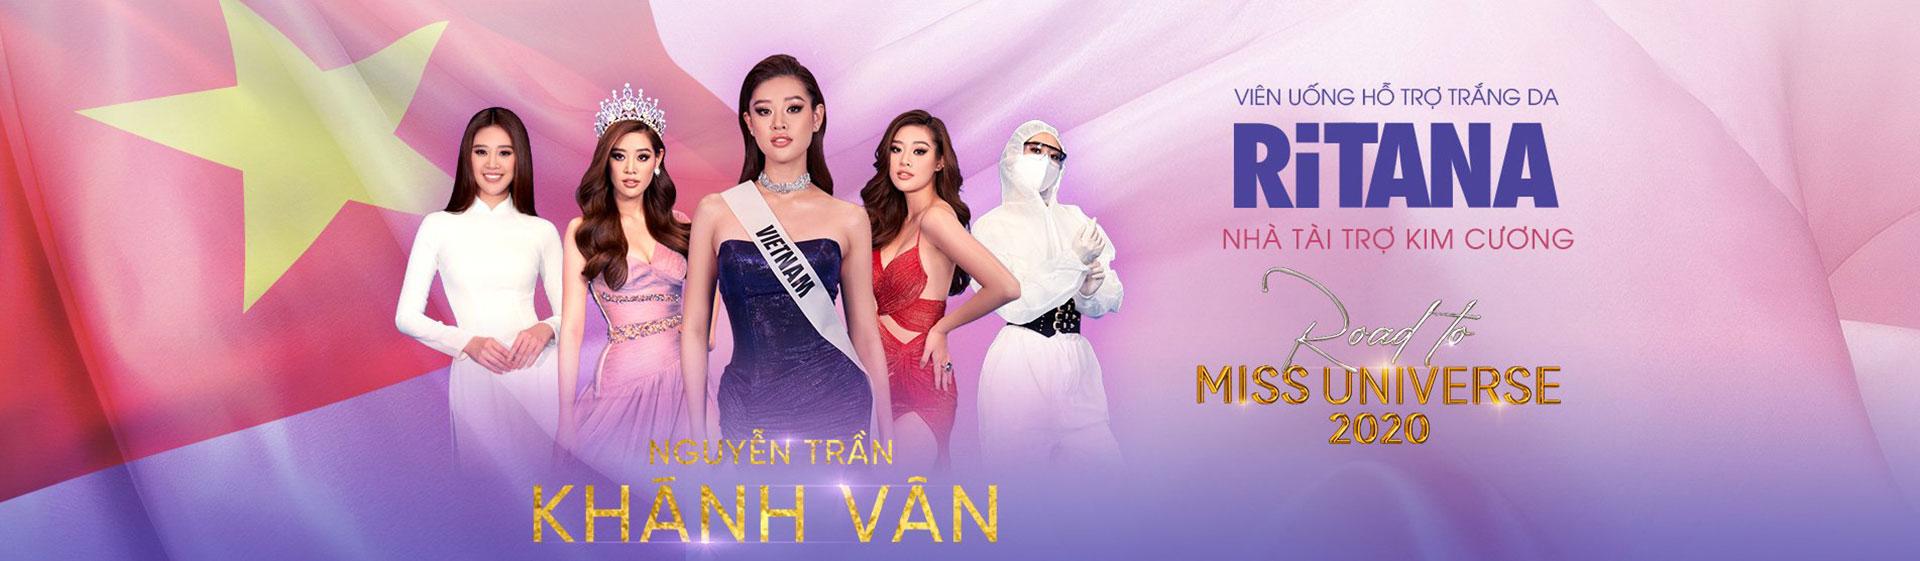 Banner Khánh Vân